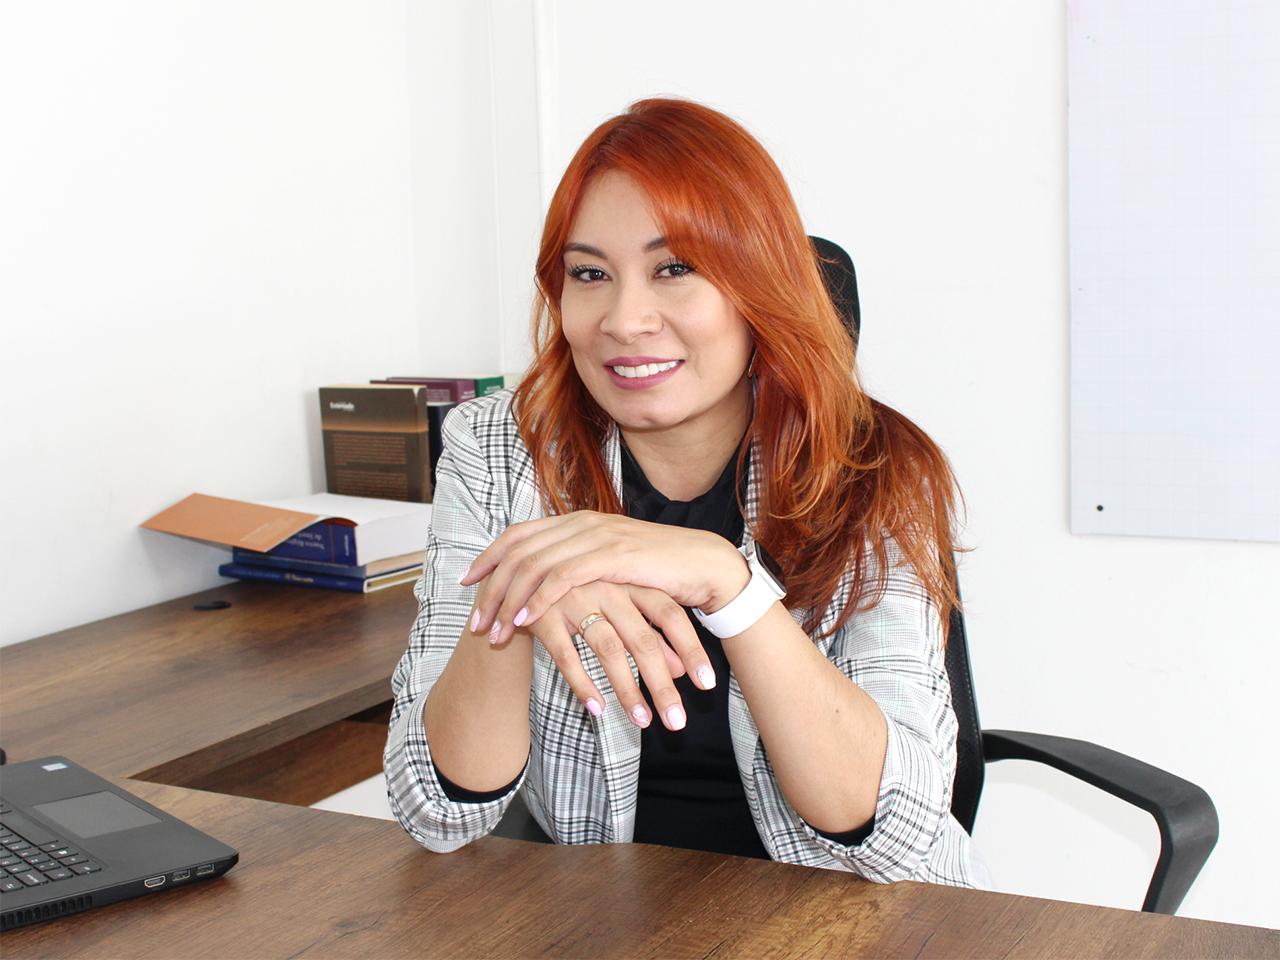 aci-cristina-carmona-escritorio-medium